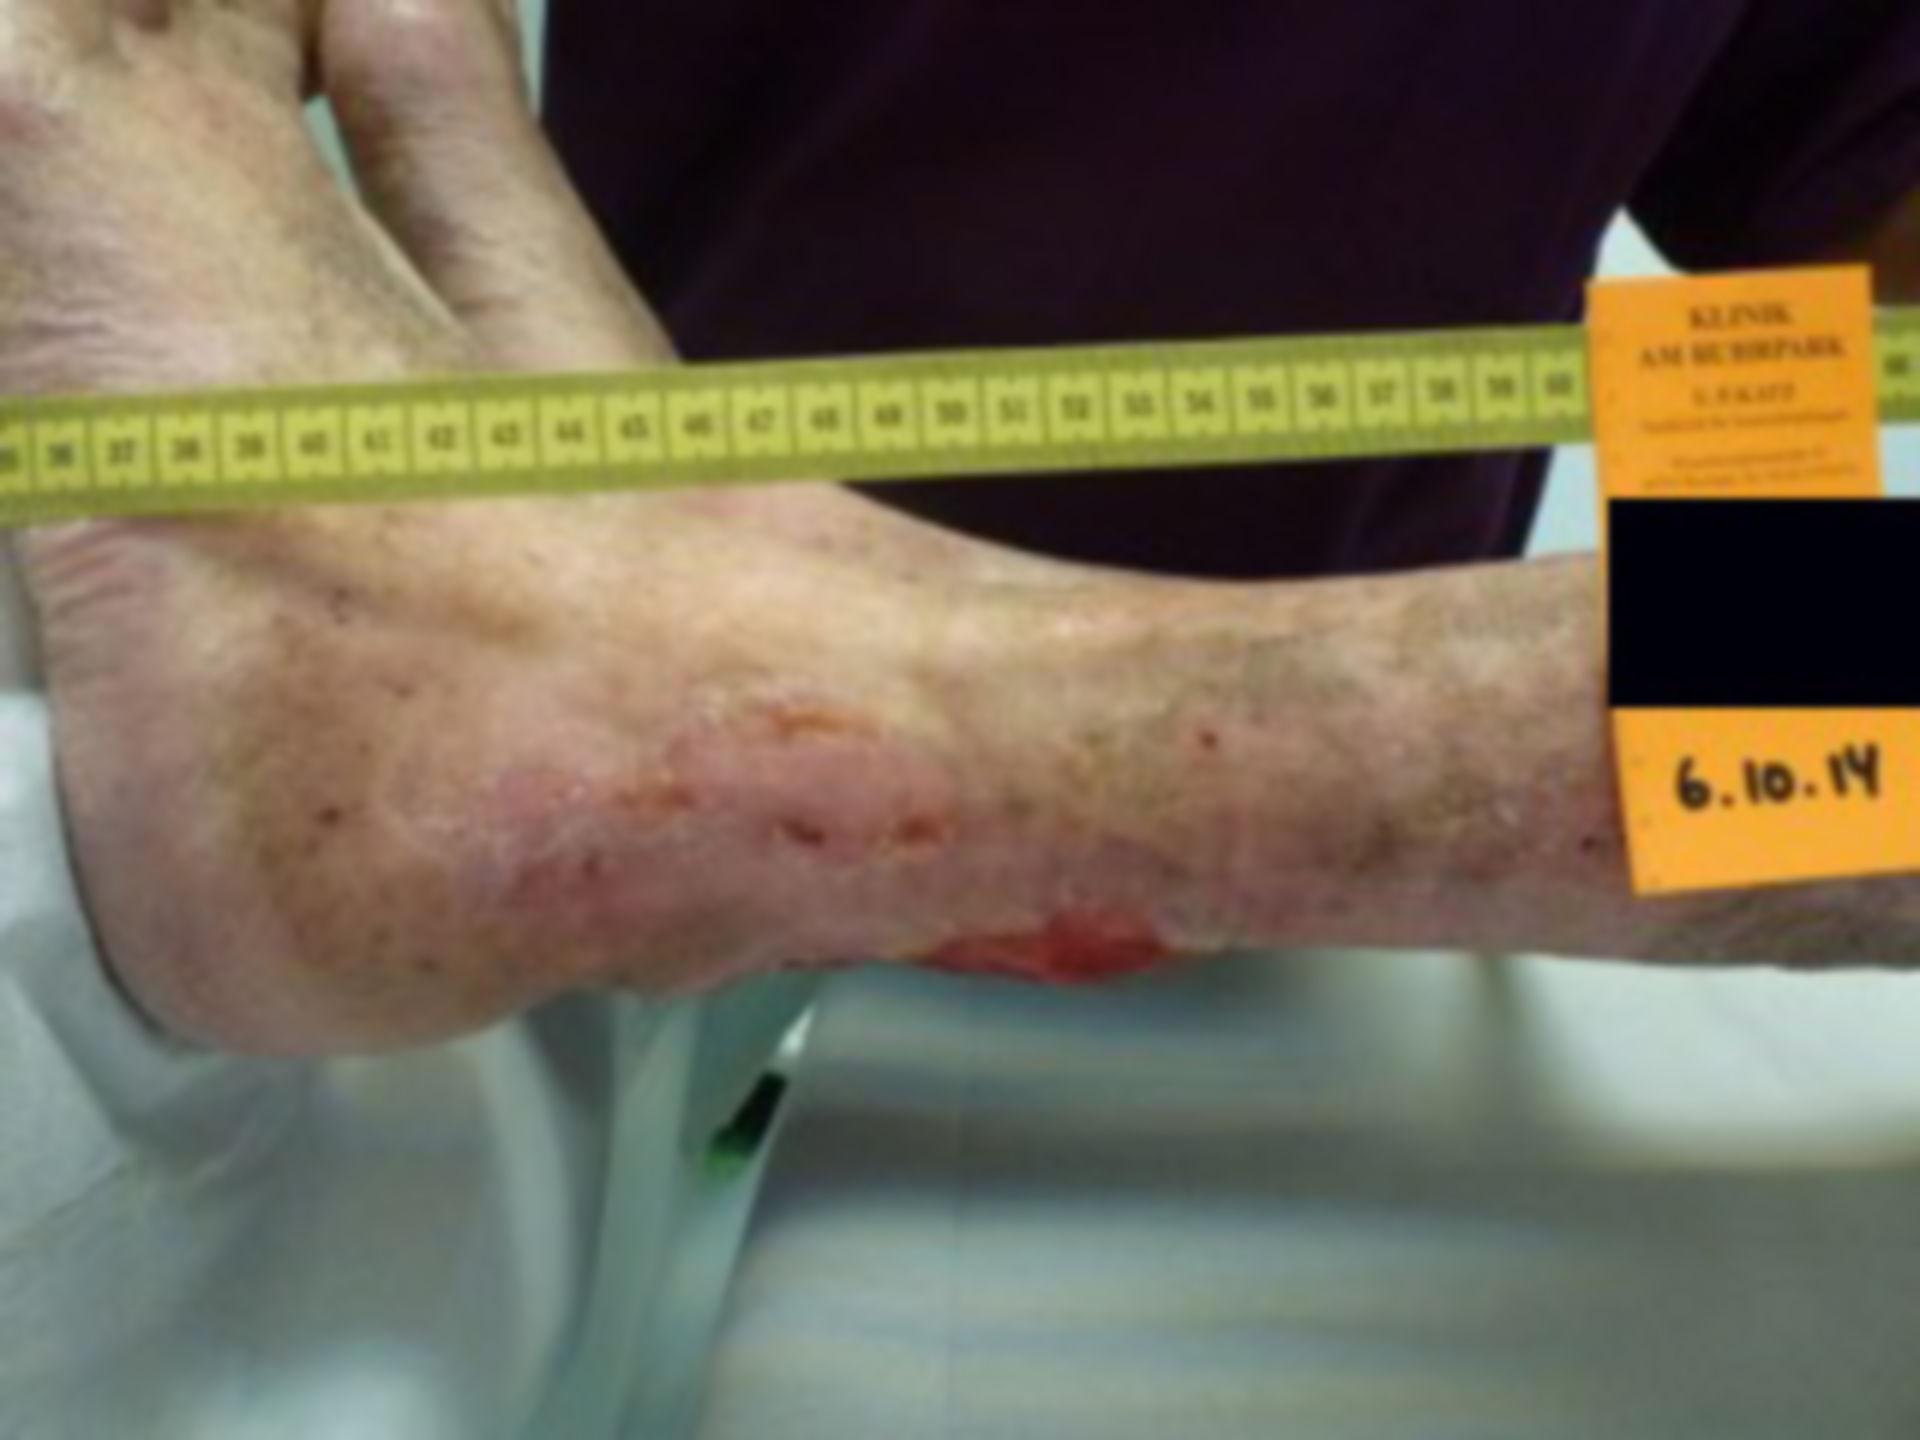 Úlcera de la pierna - abierta por 40 años (28)